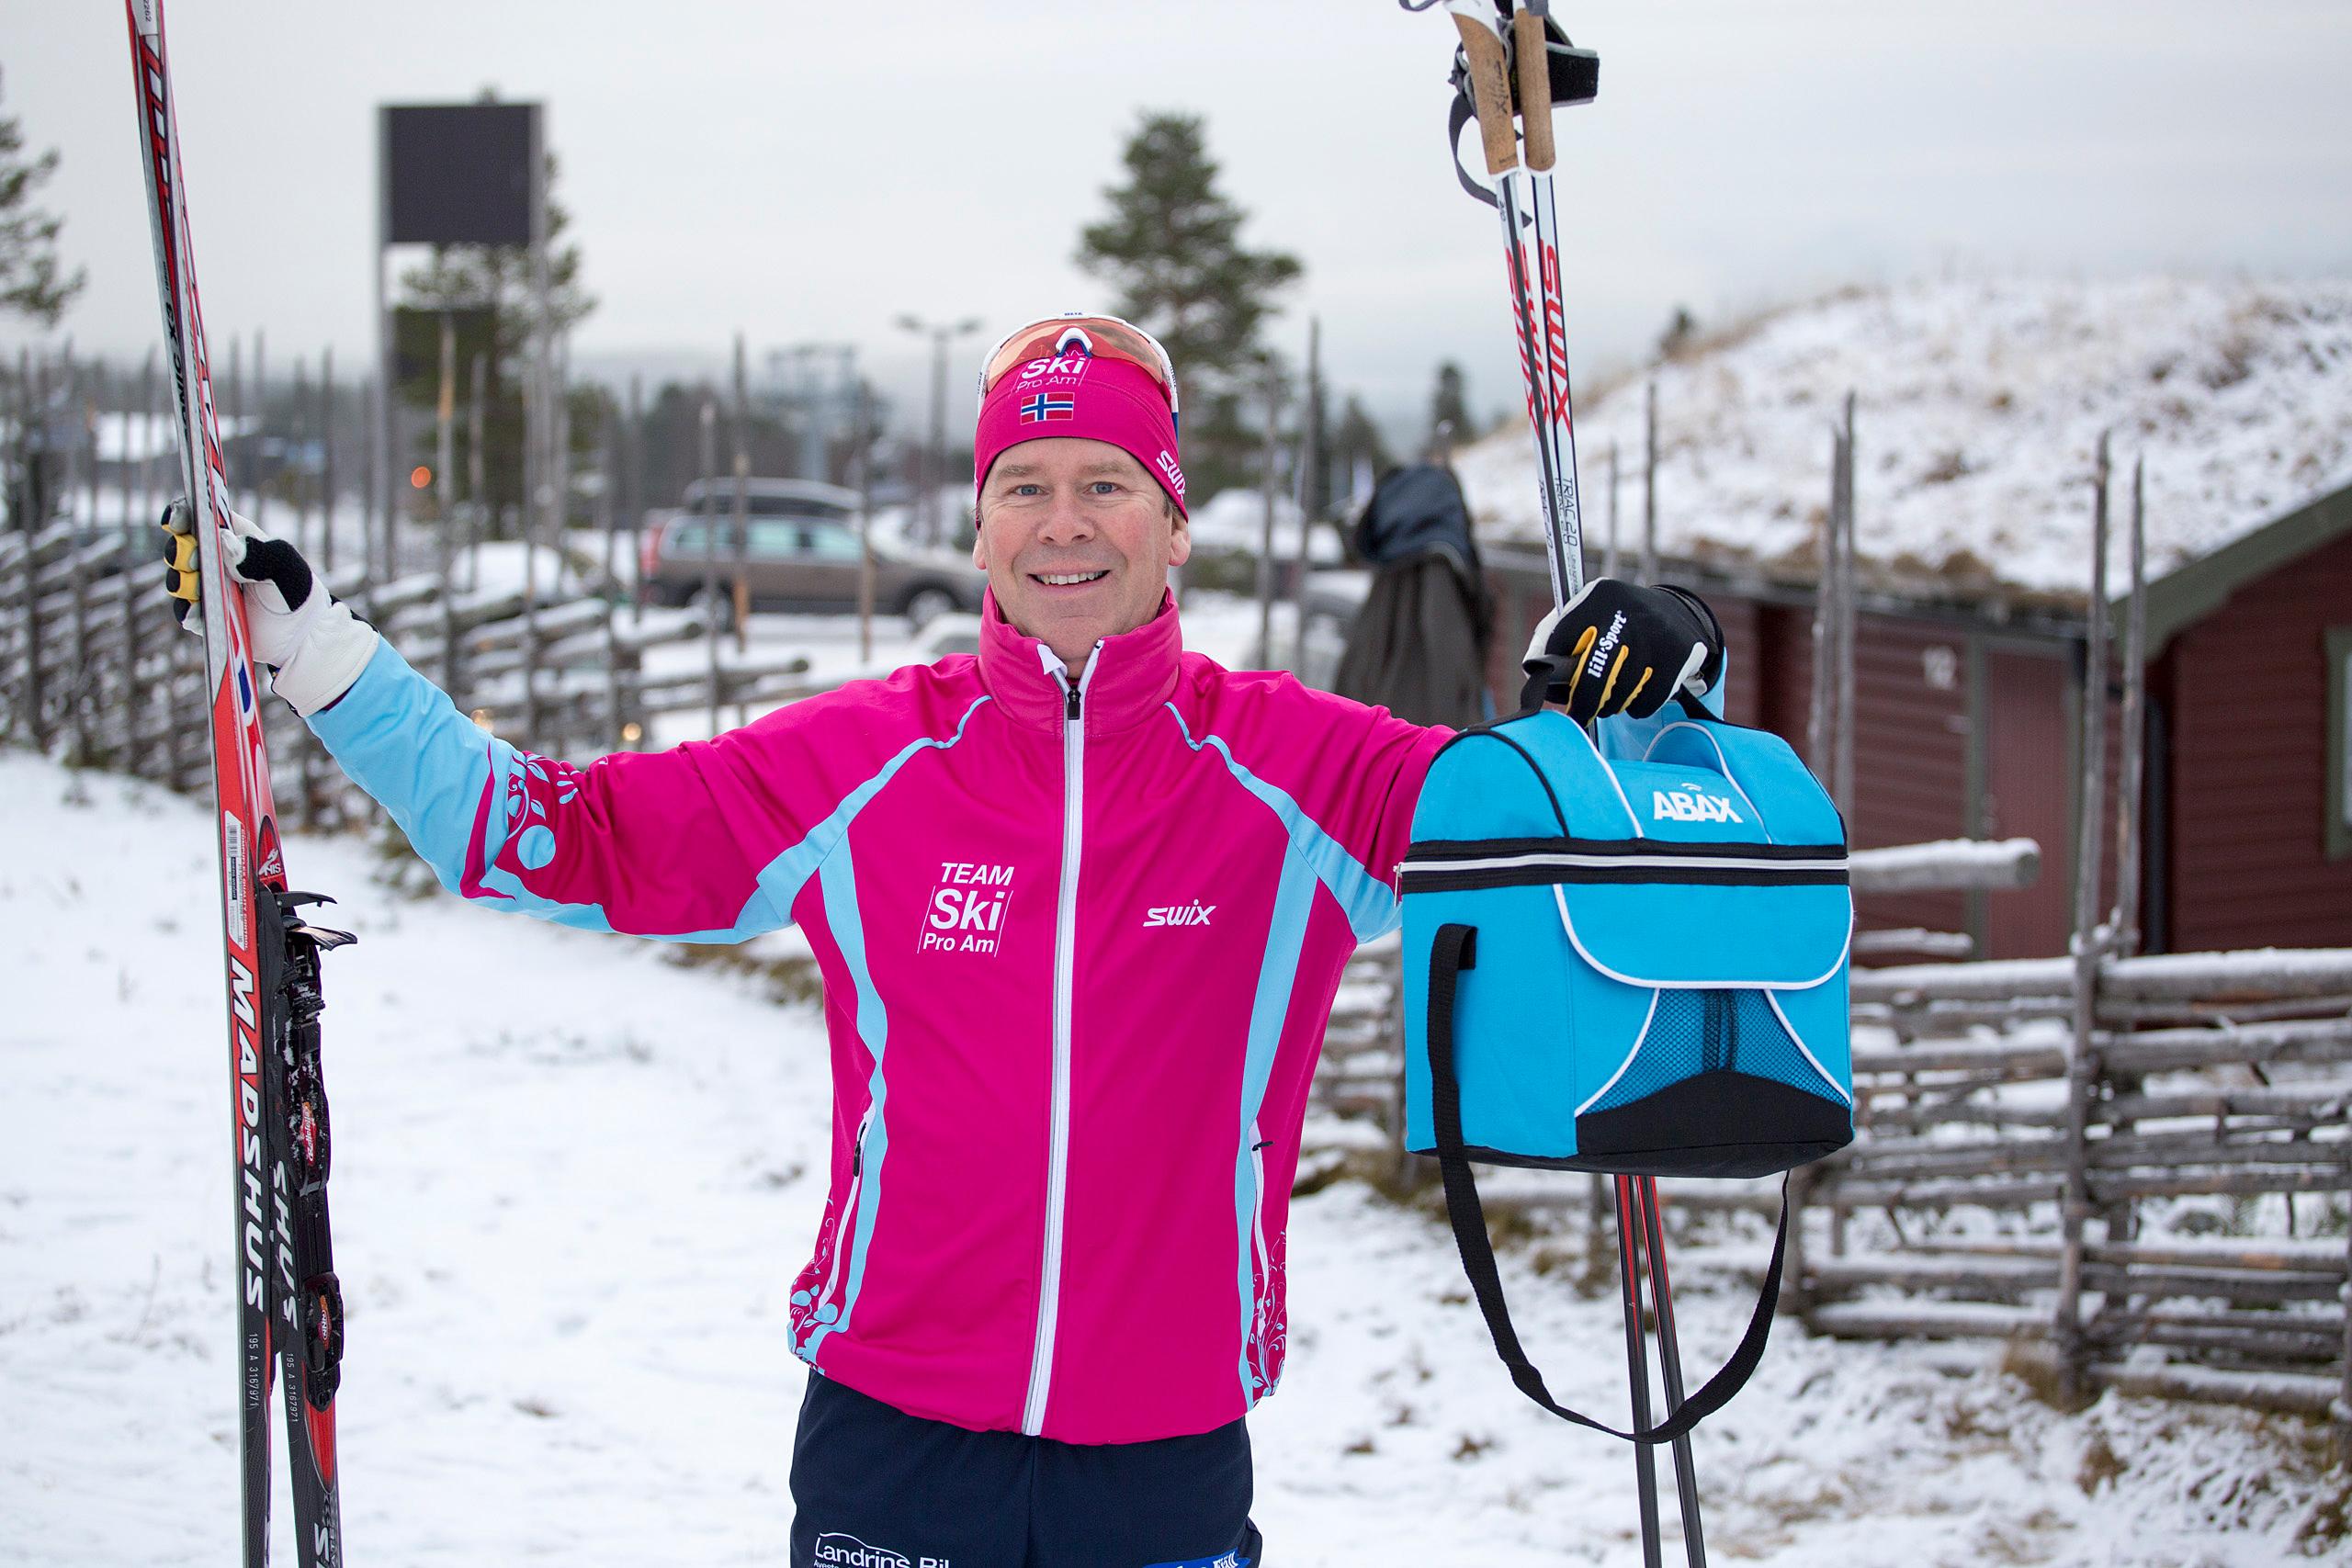 Ole-Ski_team_pro_am